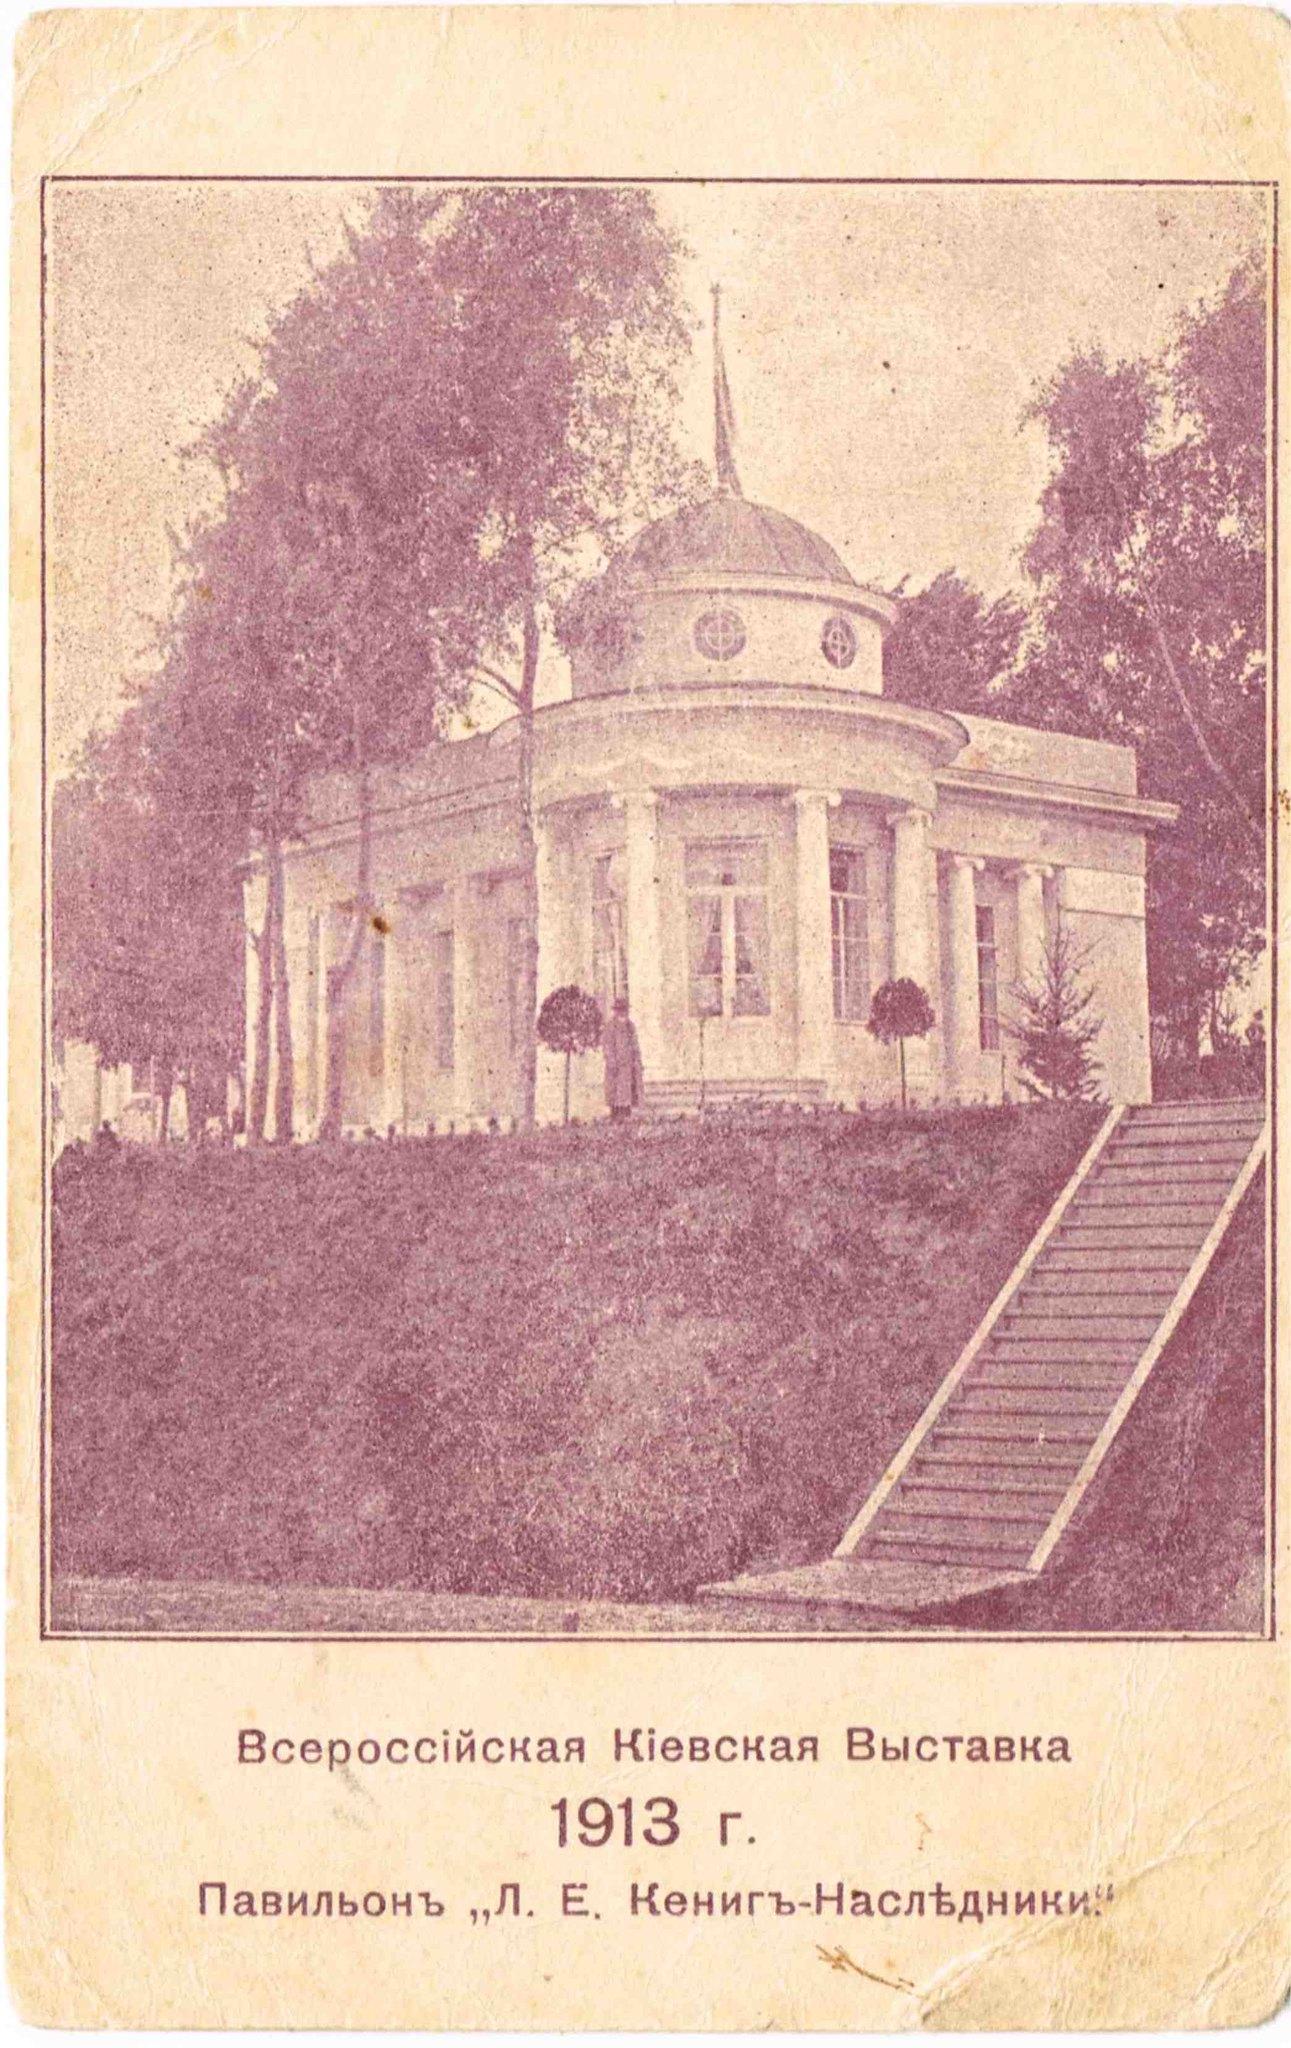 Павильон Л. Е. Кенинг-Наследники